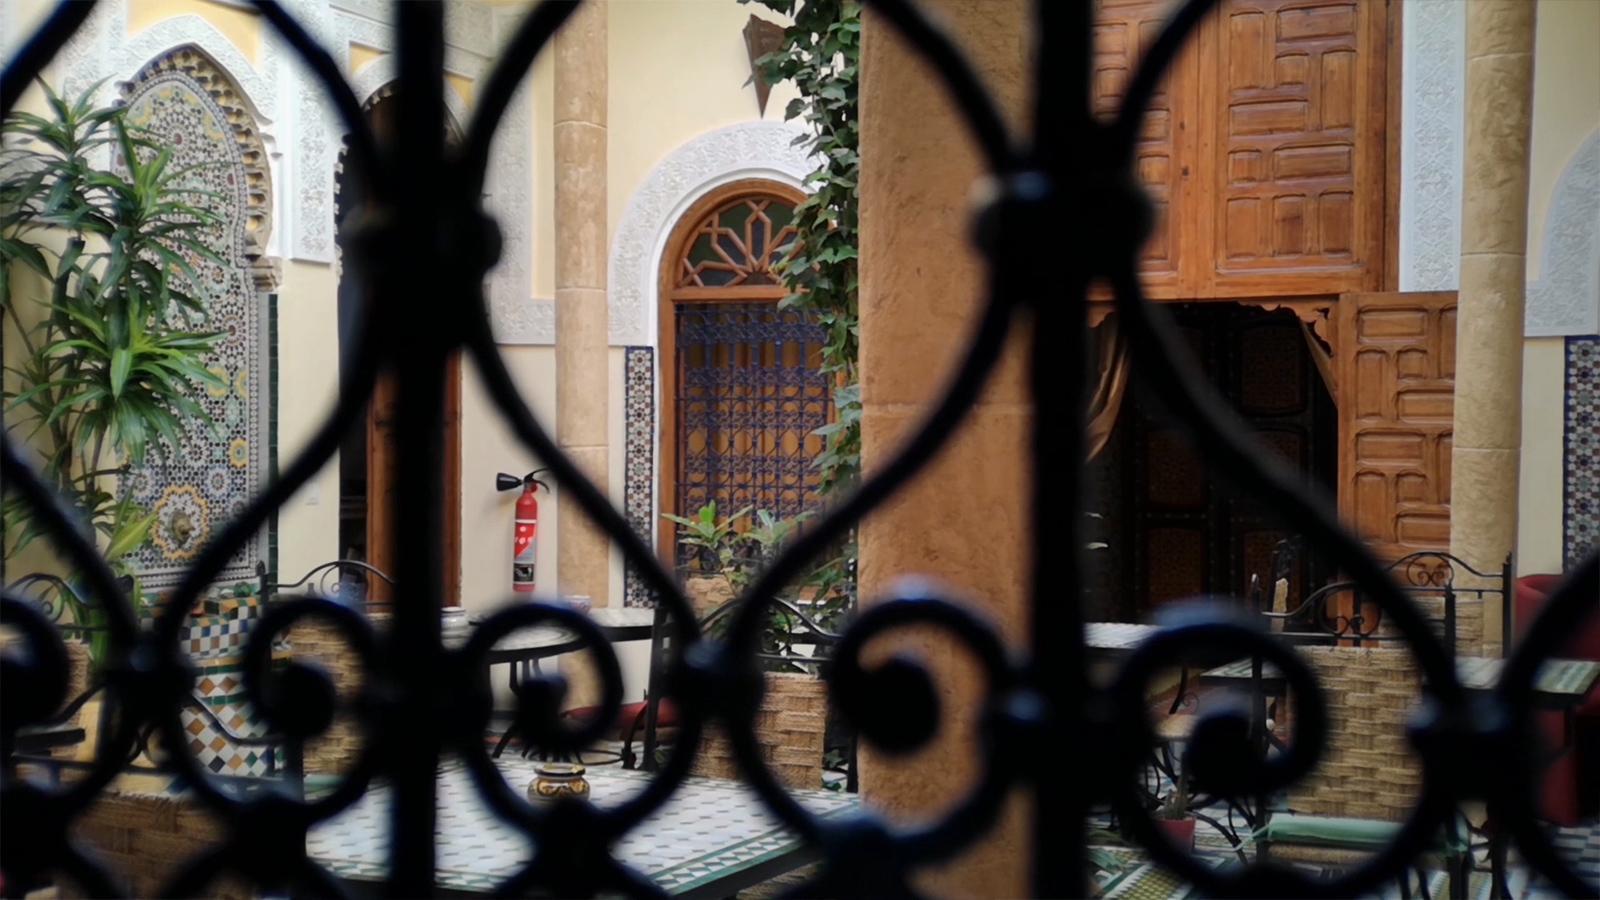 الأبواب والنوافذ المغربية الحاملة لعبق التاريخ تيمة مسابقة فرنسية-مغربية